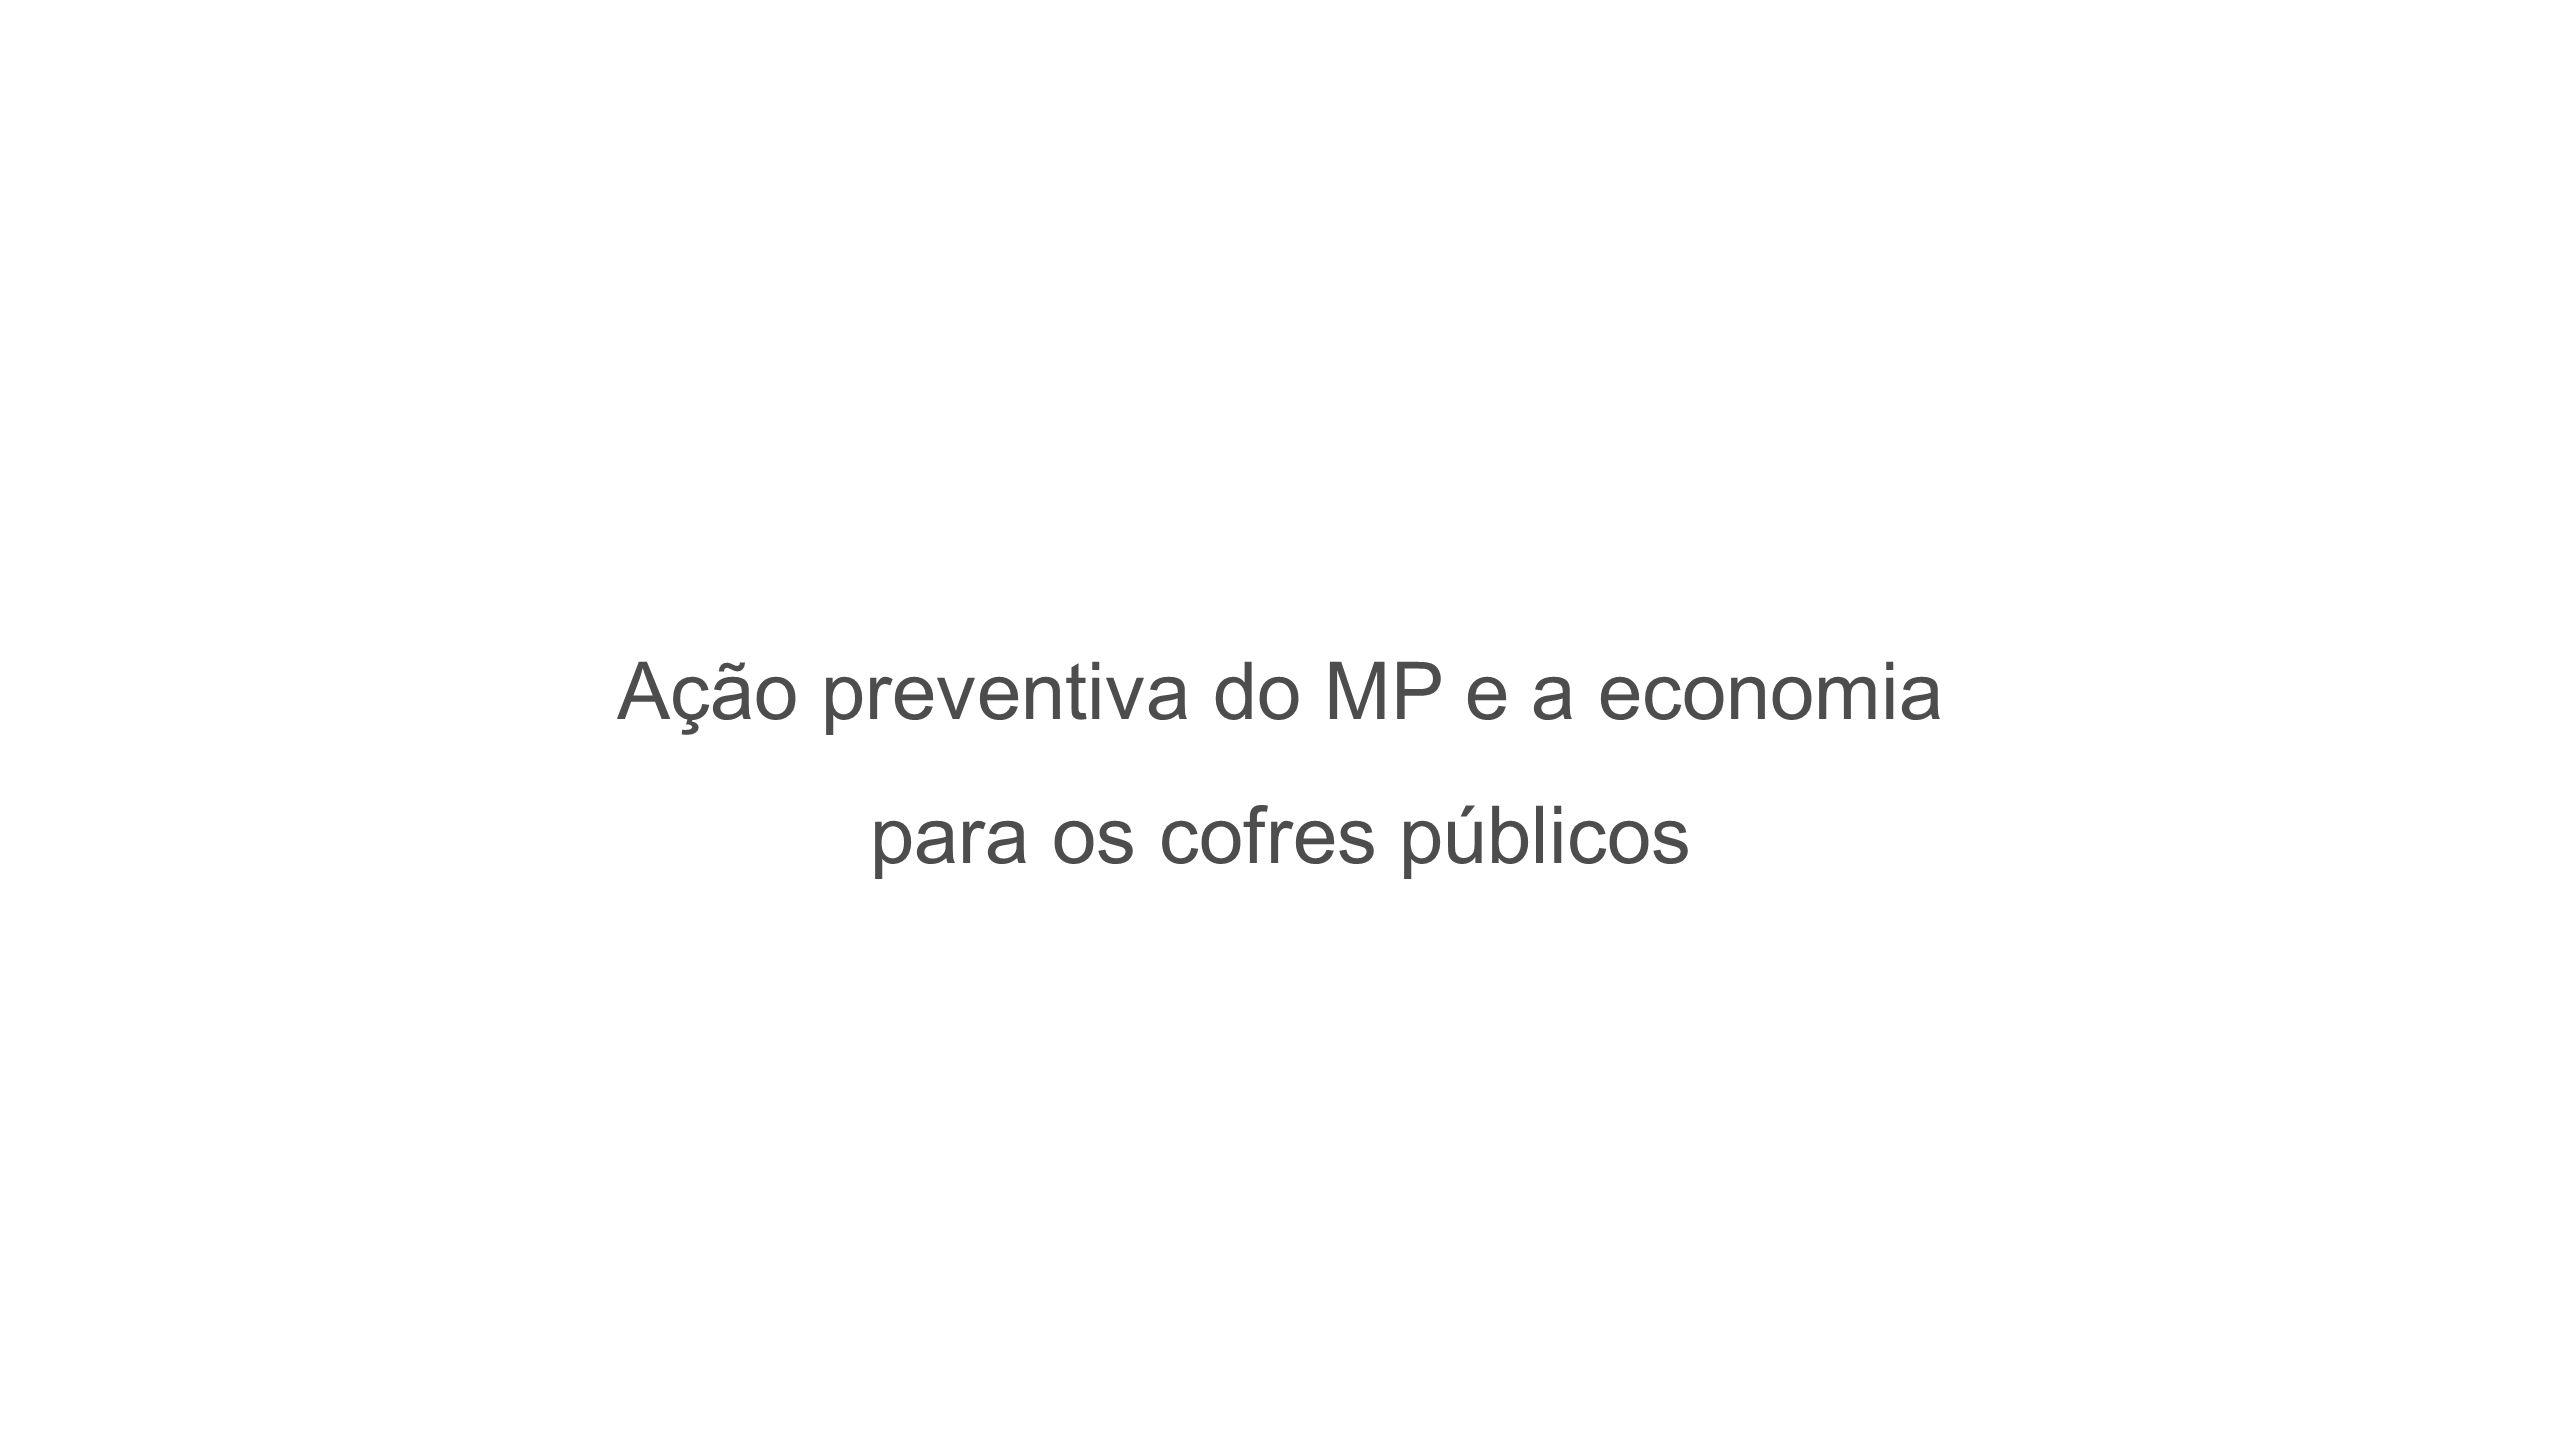 Ação preventiva do MP e a economia para os cofres públicos